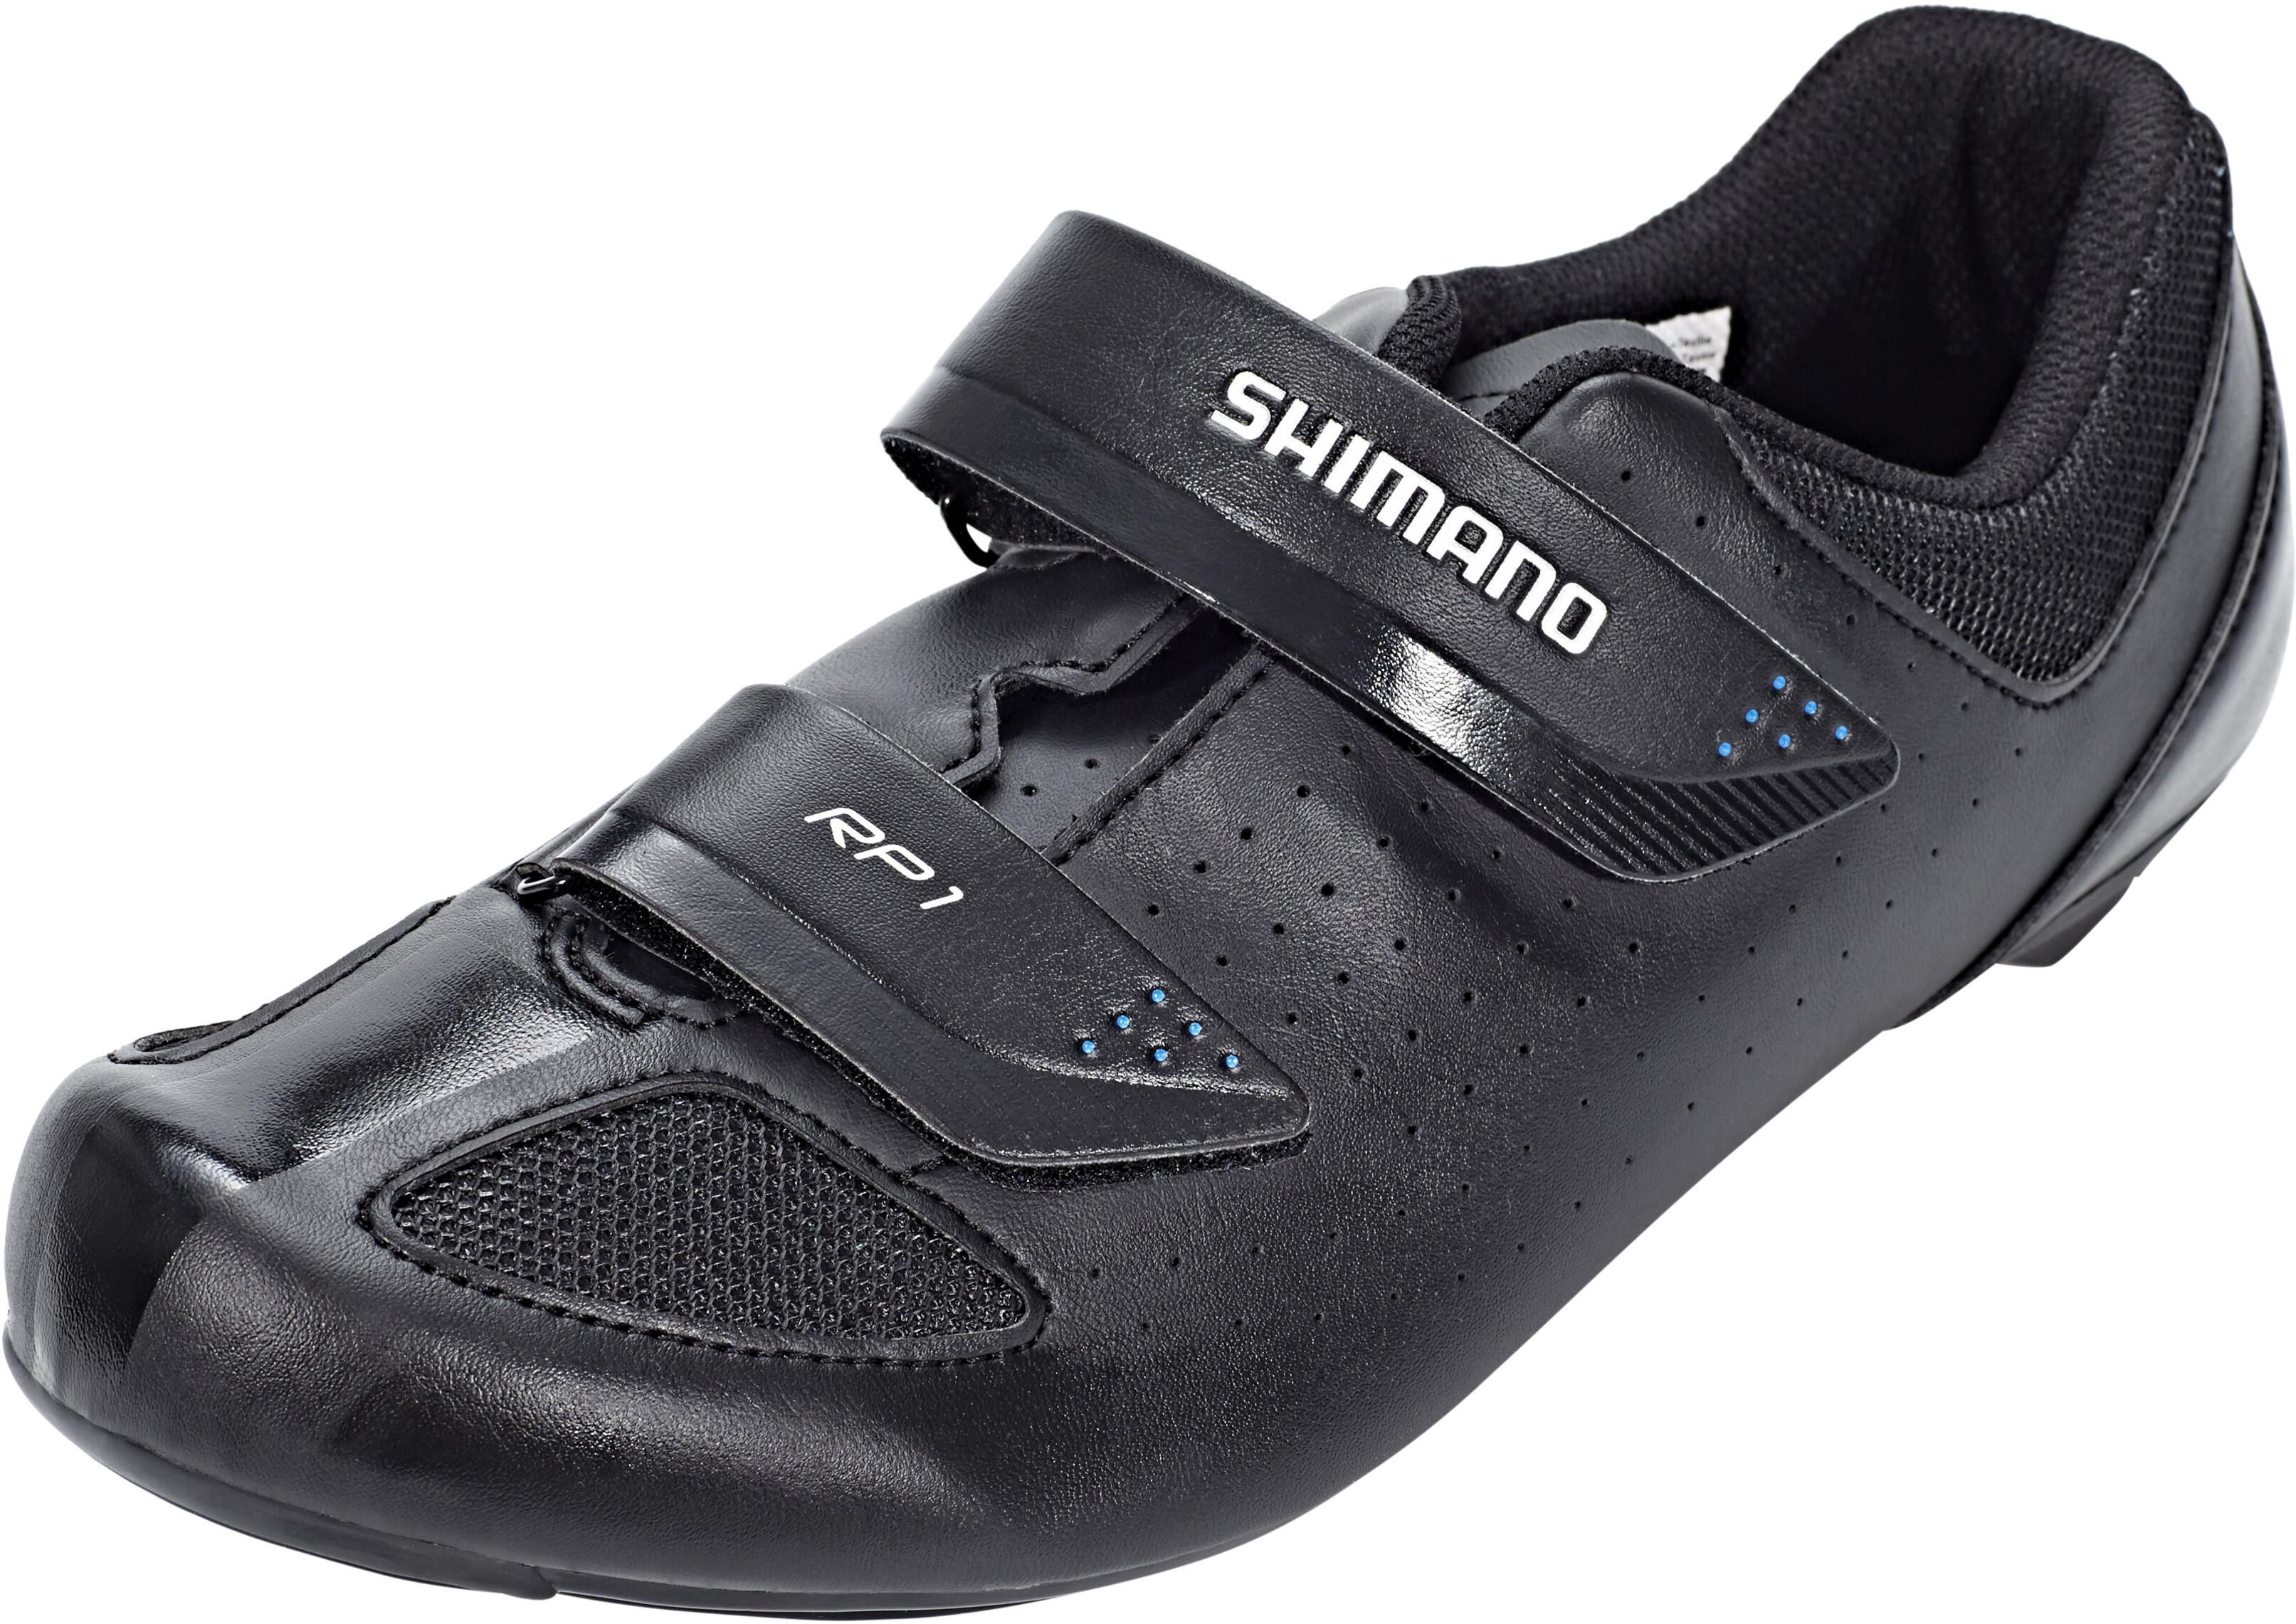 ecc698996a7 Shimano SH-RP1 schoenen zwart I Eenvoudig online bij Bikester